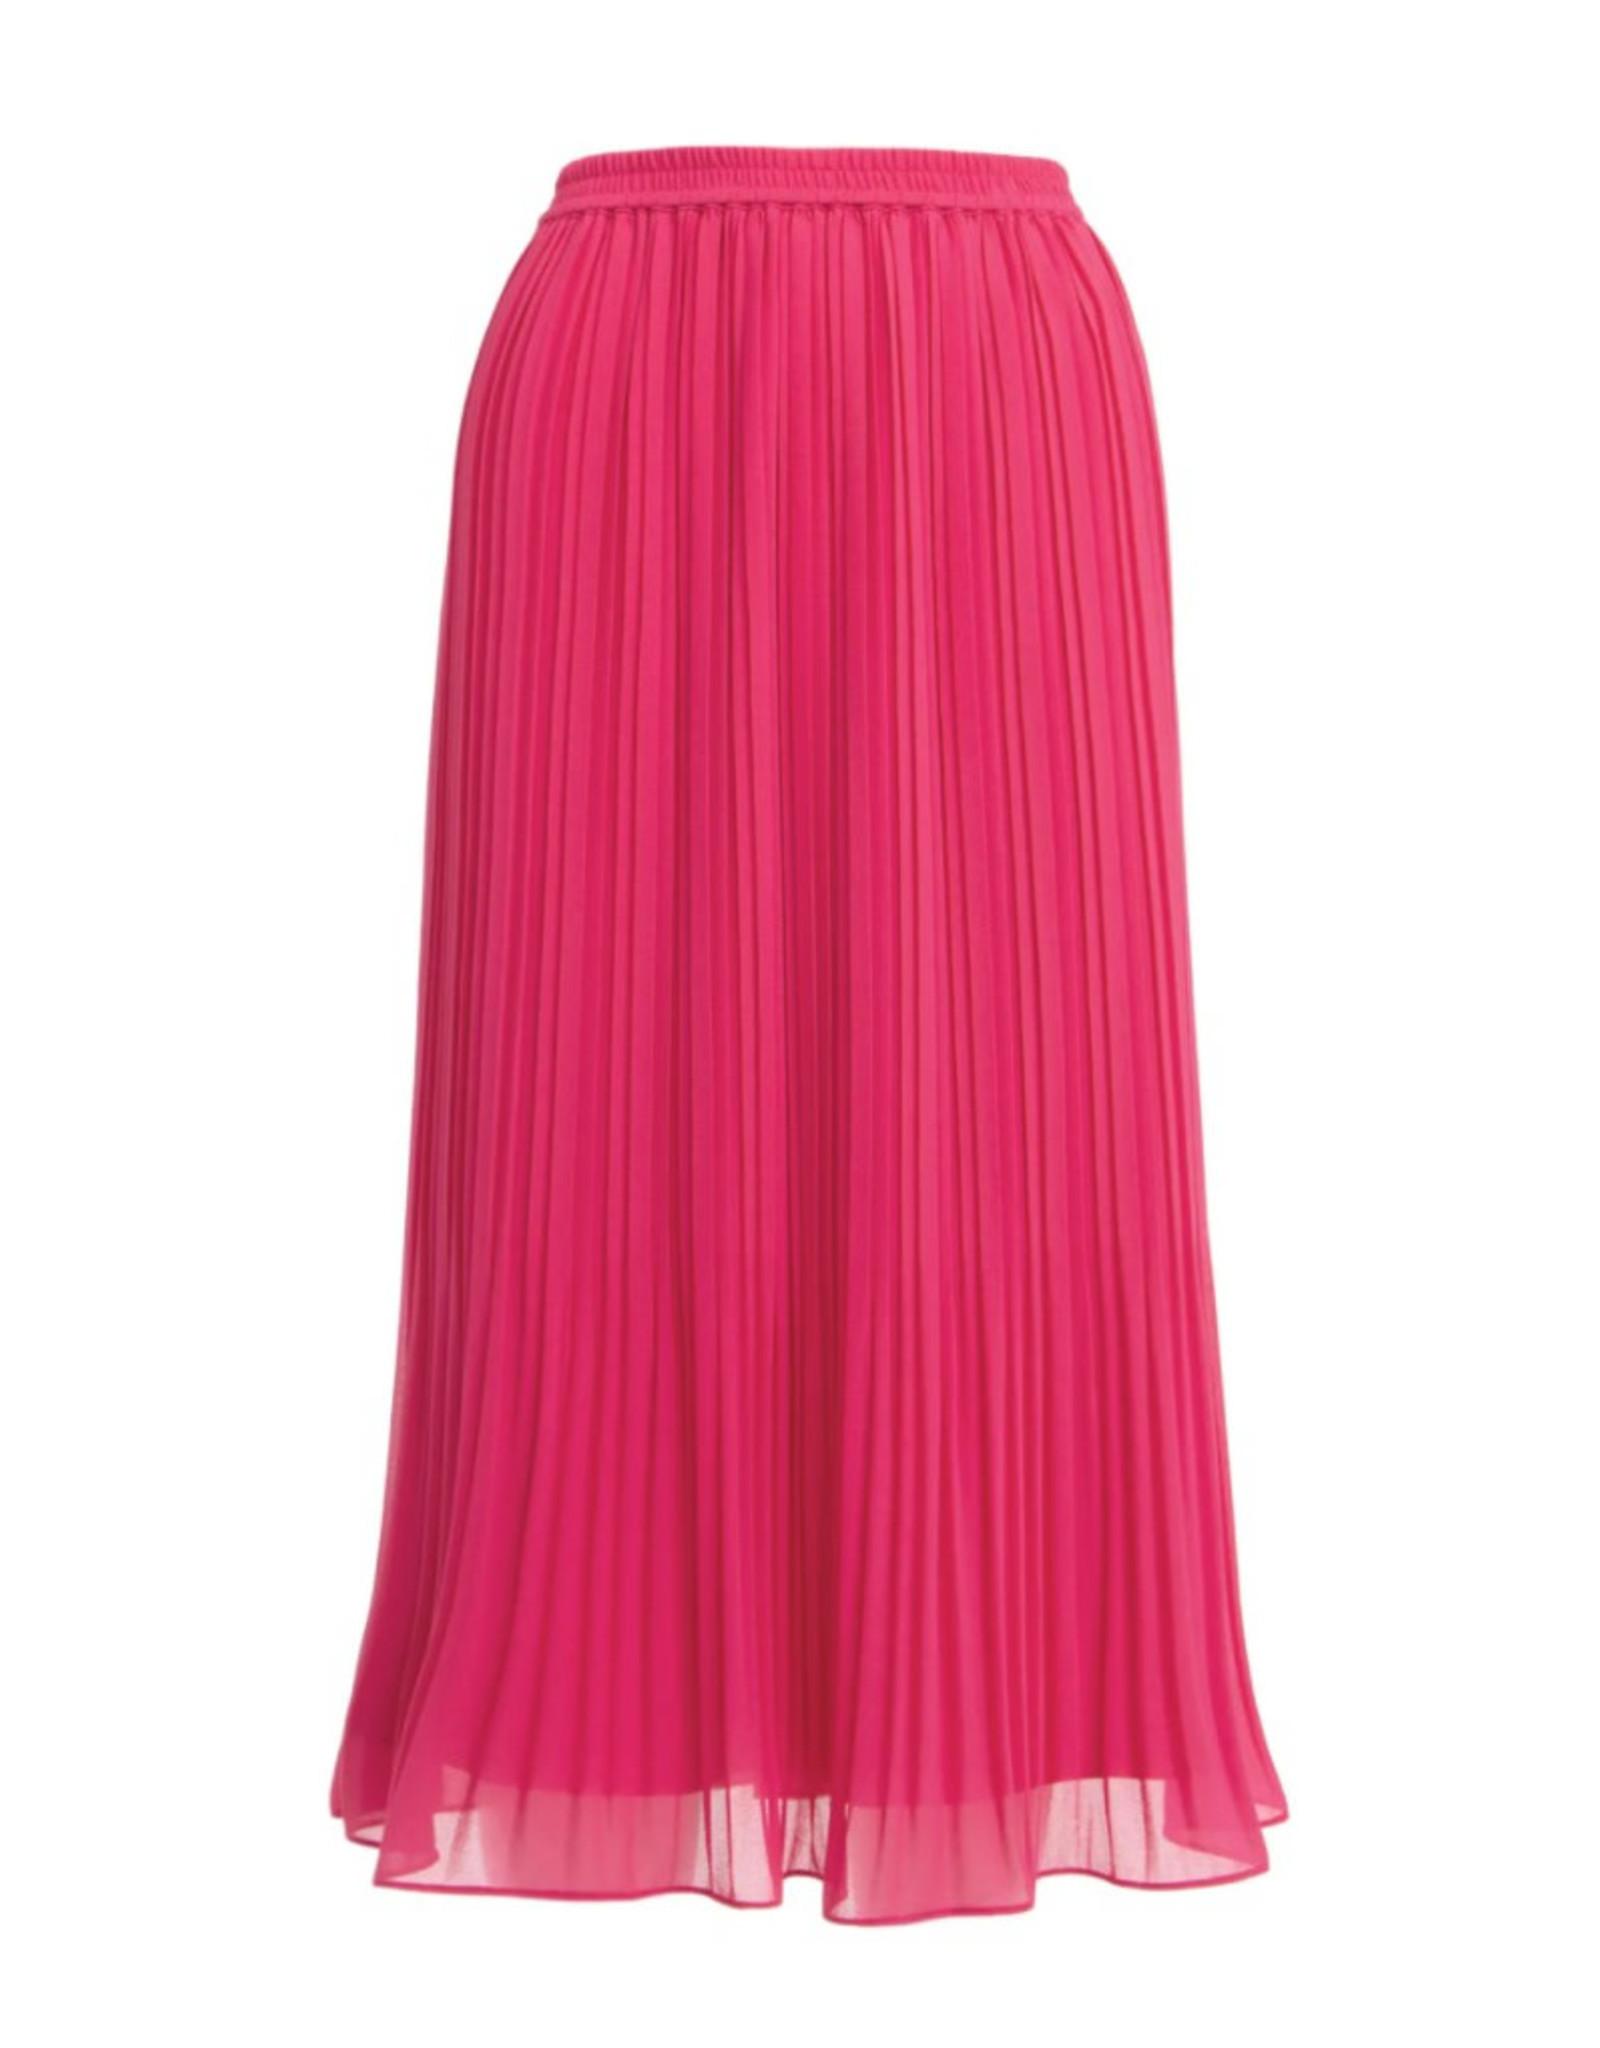 Pleated Midi Skirt - Pink Sorbet